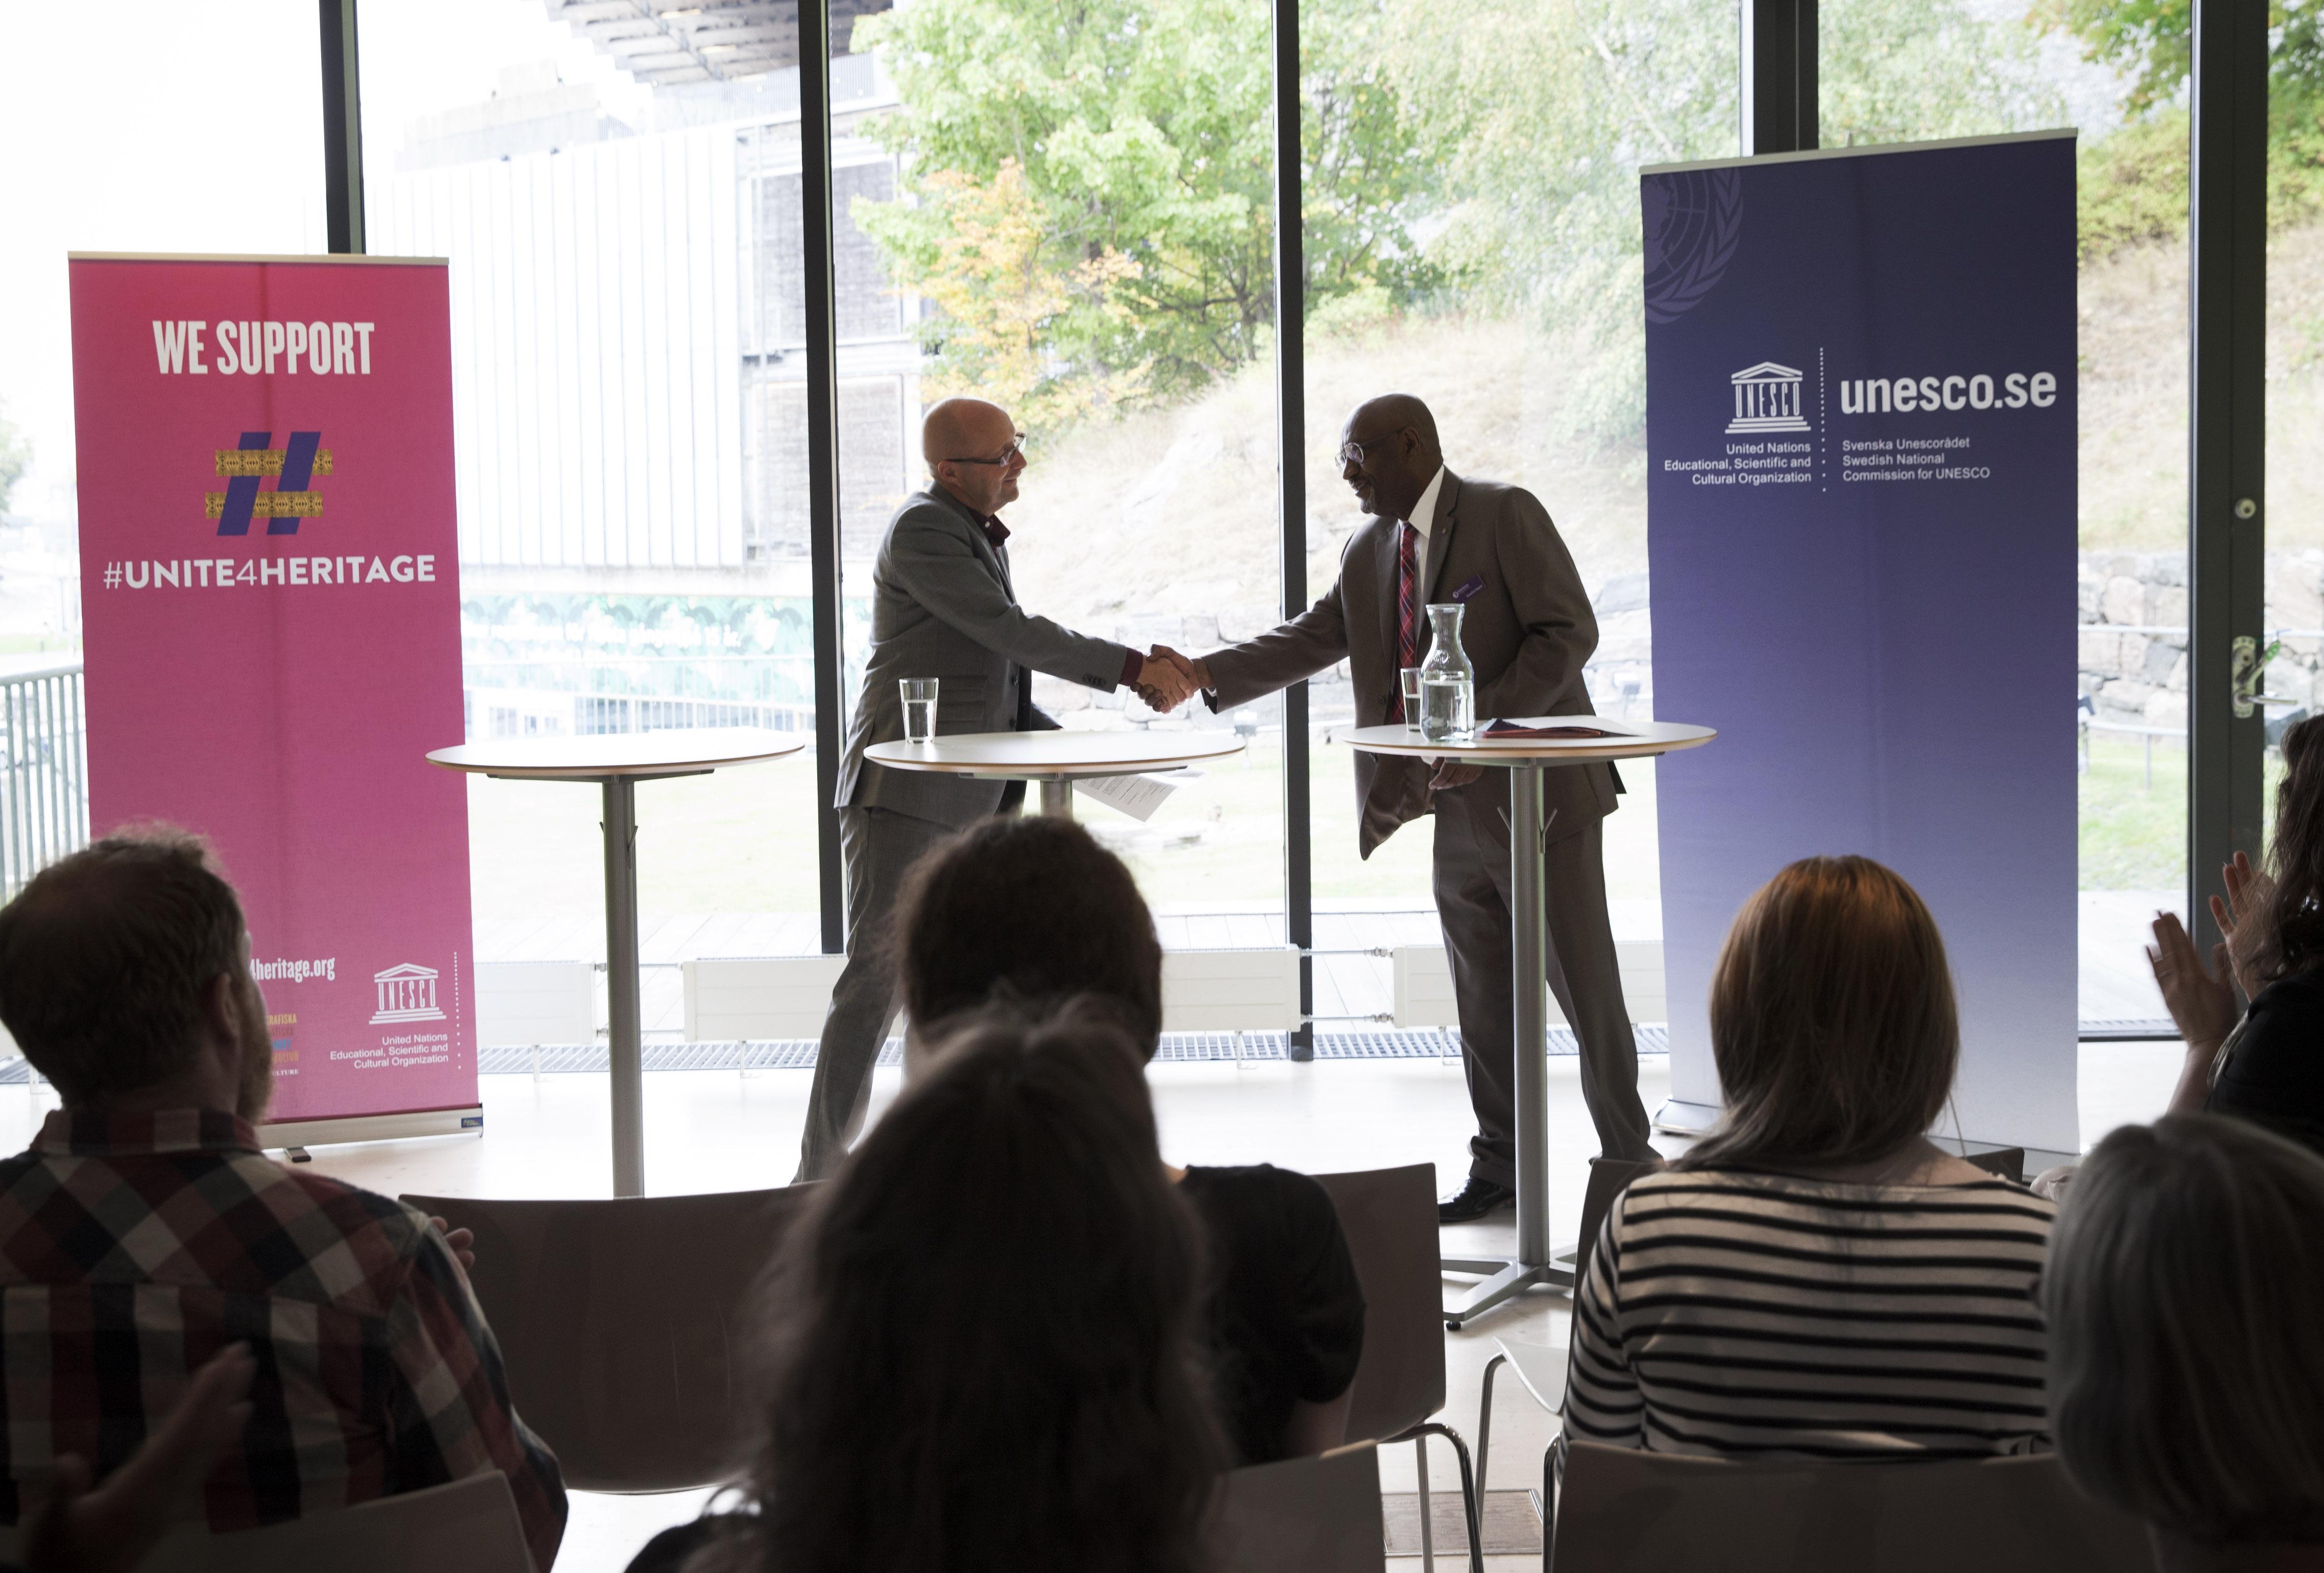 UNESCOs vice generaldirektör Getachew Engida överräcker dokumentet som visar att Världskulturmuseerna stödjer UNESCOs kampanj #Unite4Heritage. ©Ina Marie Winther Åshaug/ Världskulturmuseerna.